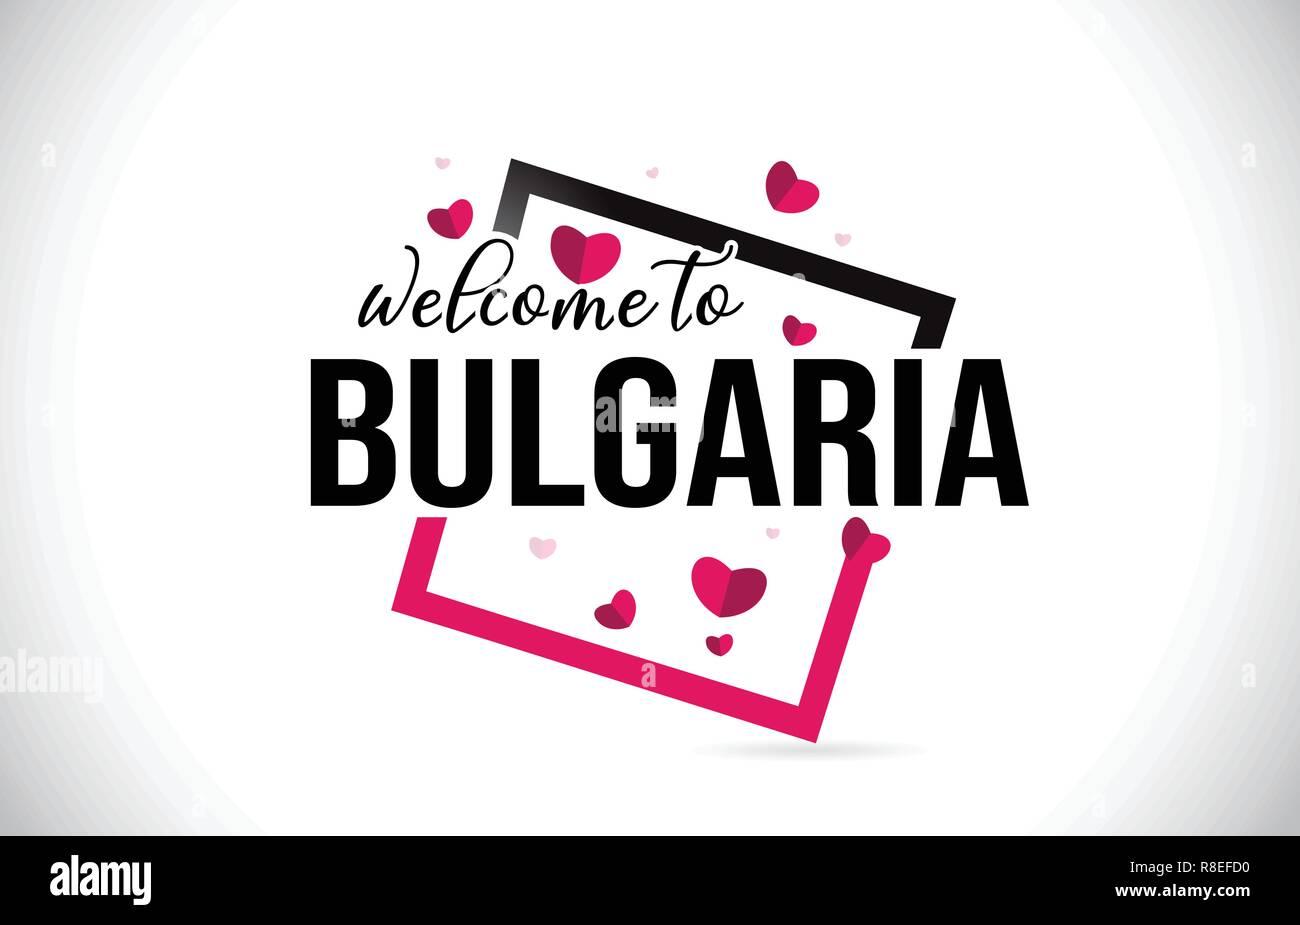 Bulgarie Bienvenue au mot du texte avec des polices manuscrites et coeurs  rouges Conception carrée Illustration 5ed164d741d